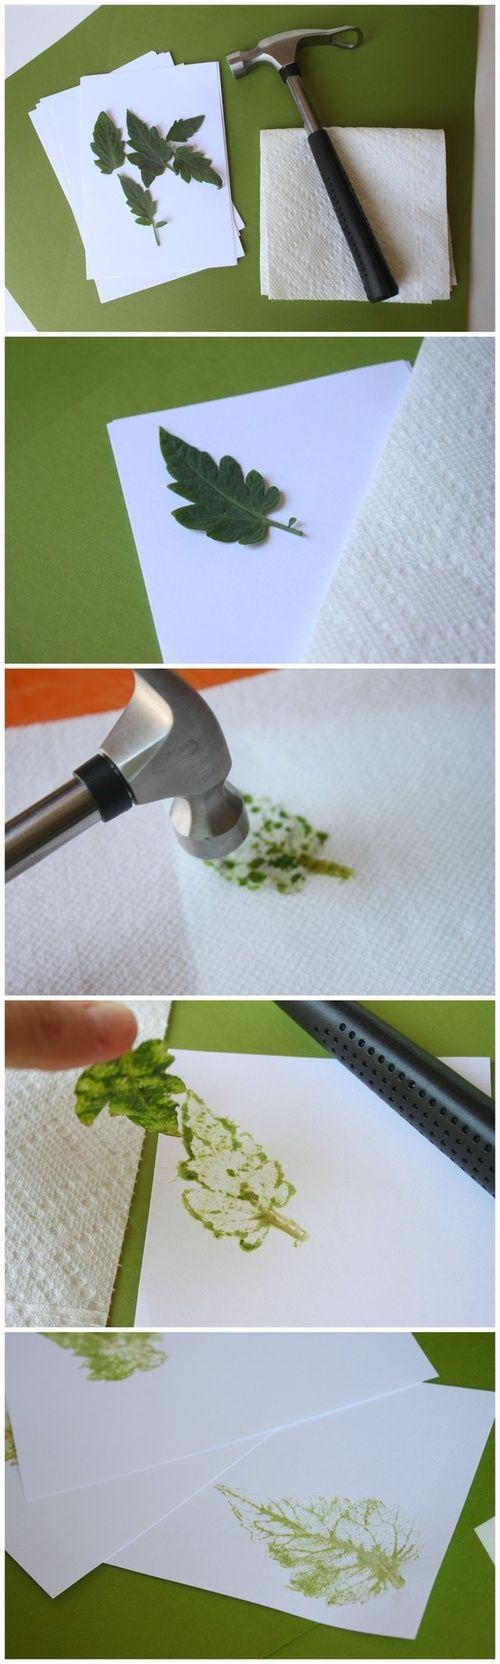 Un marteau, des feuilles de printemps, des feuilles de papier et du sopalin.